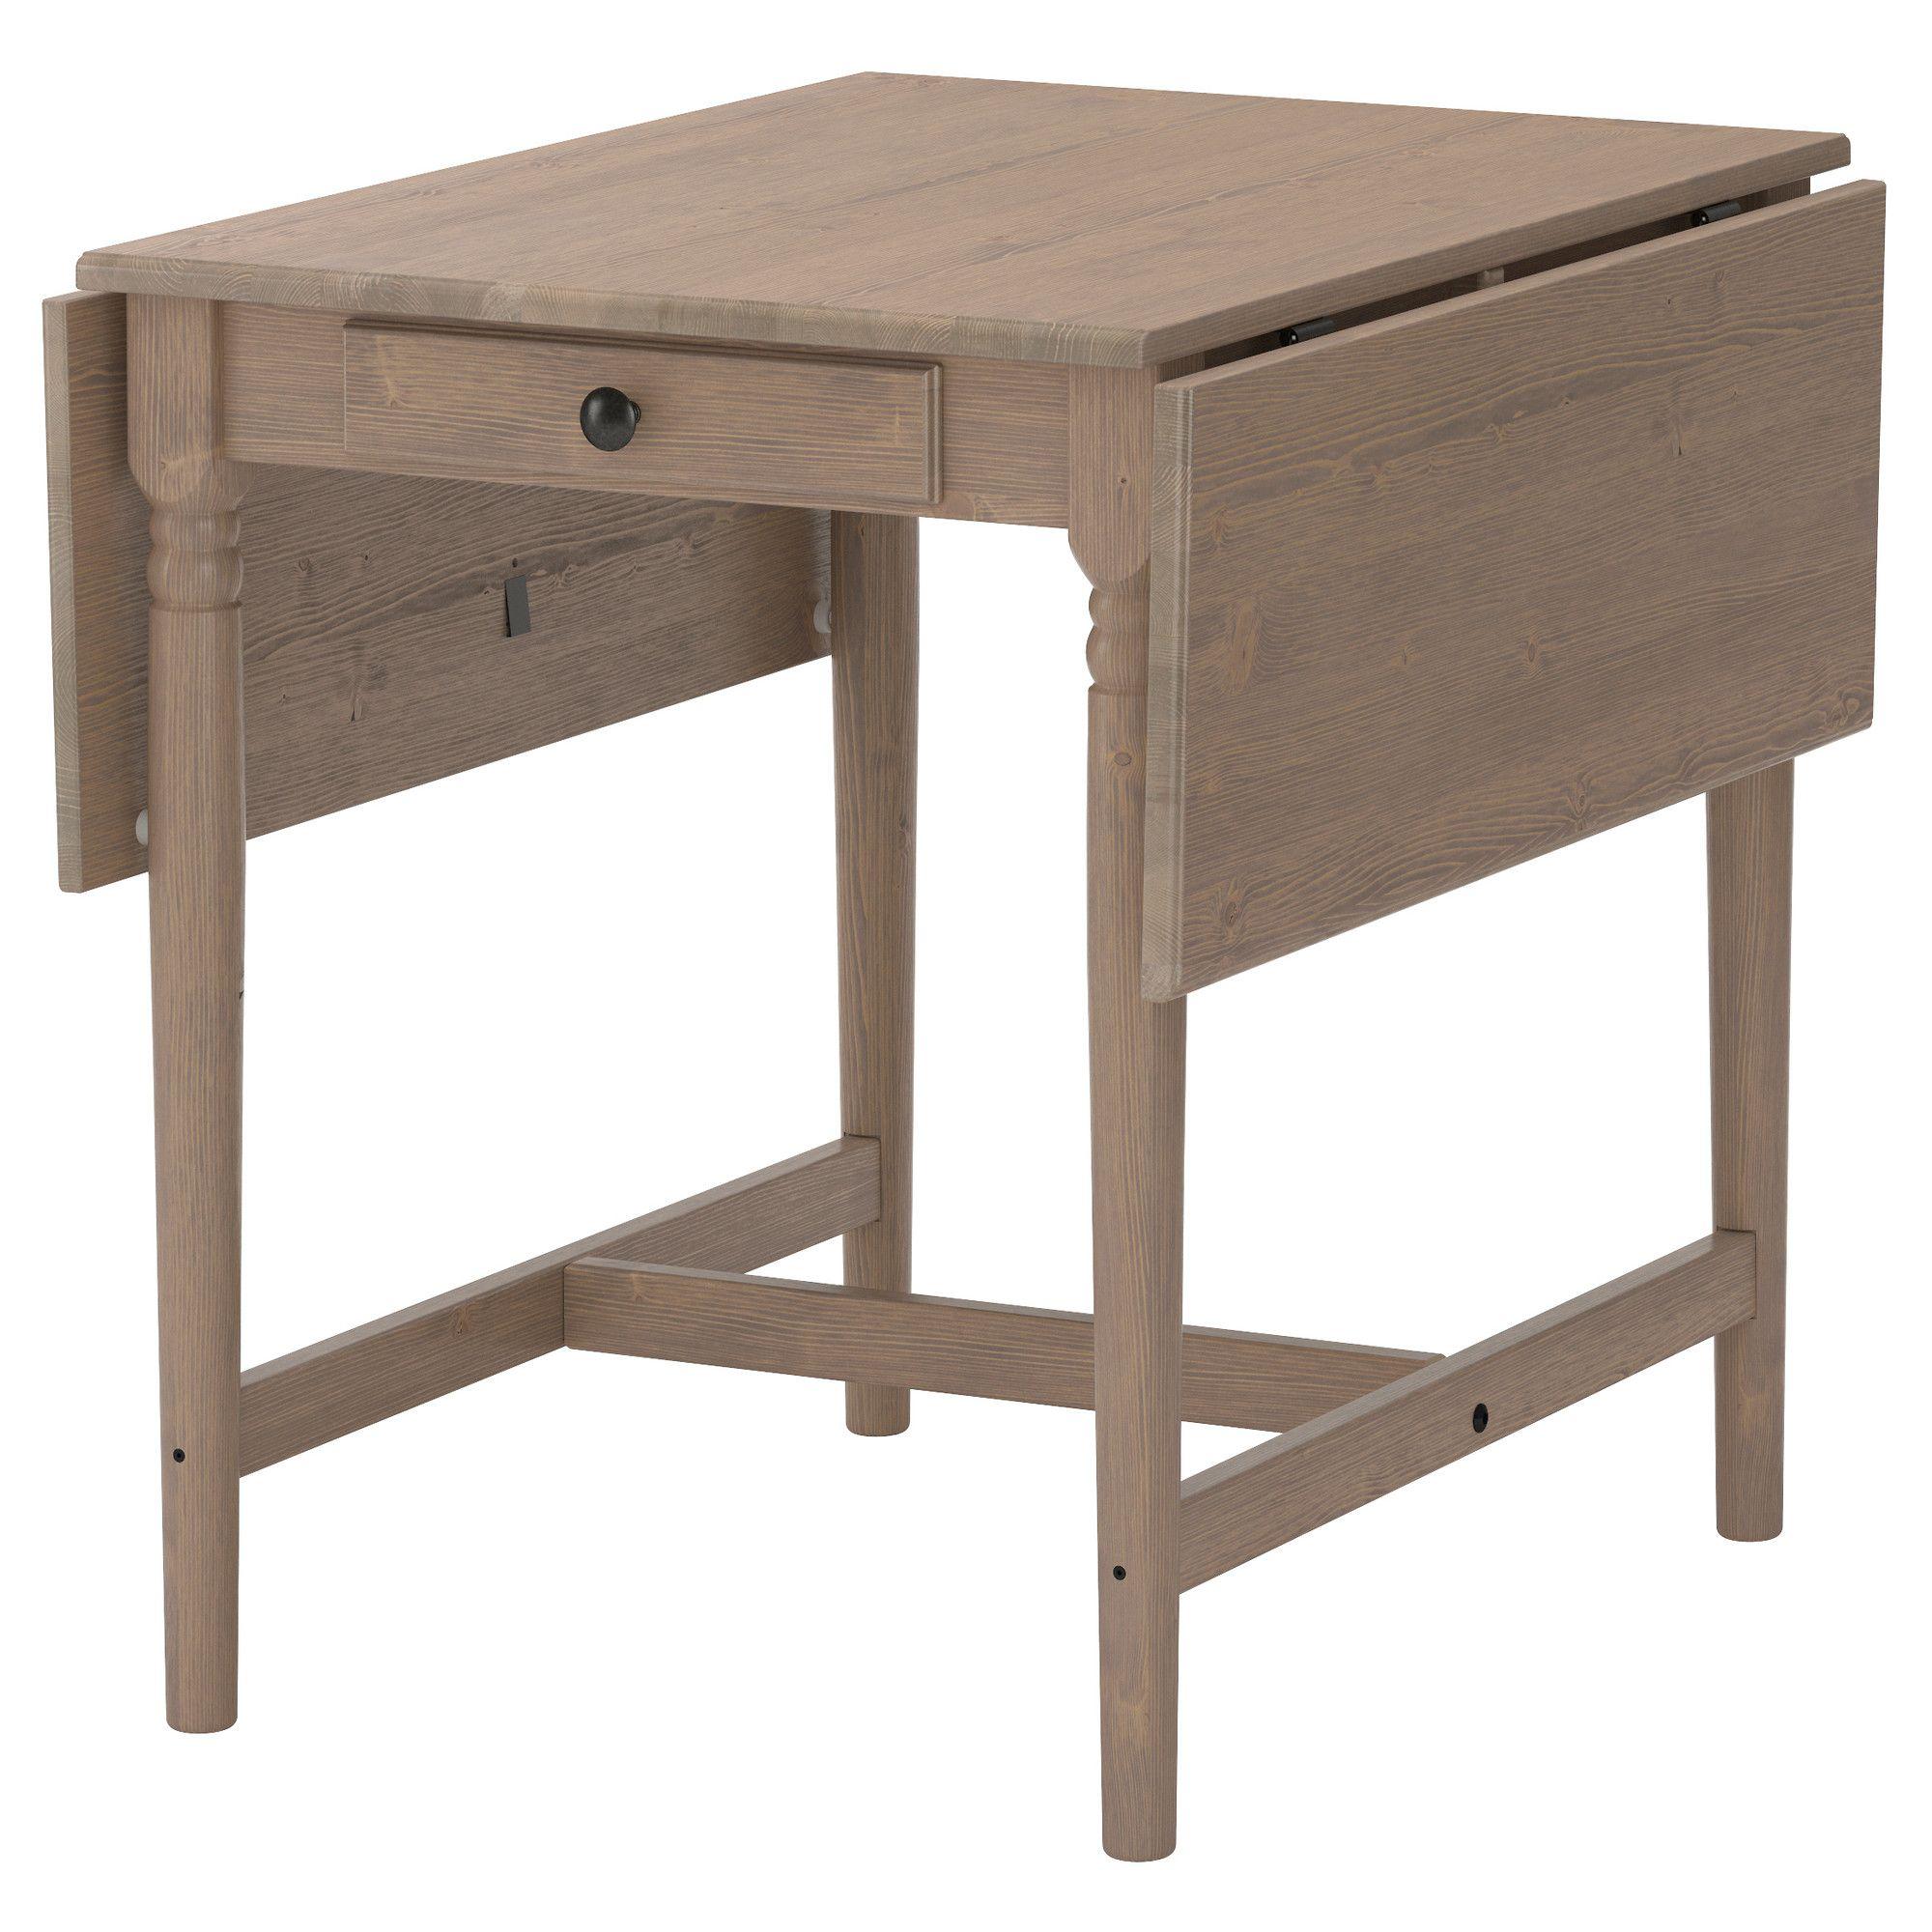 Ingatorp Drop Leaf Table Gray Brown 23 1 4 34 5 8 46 1